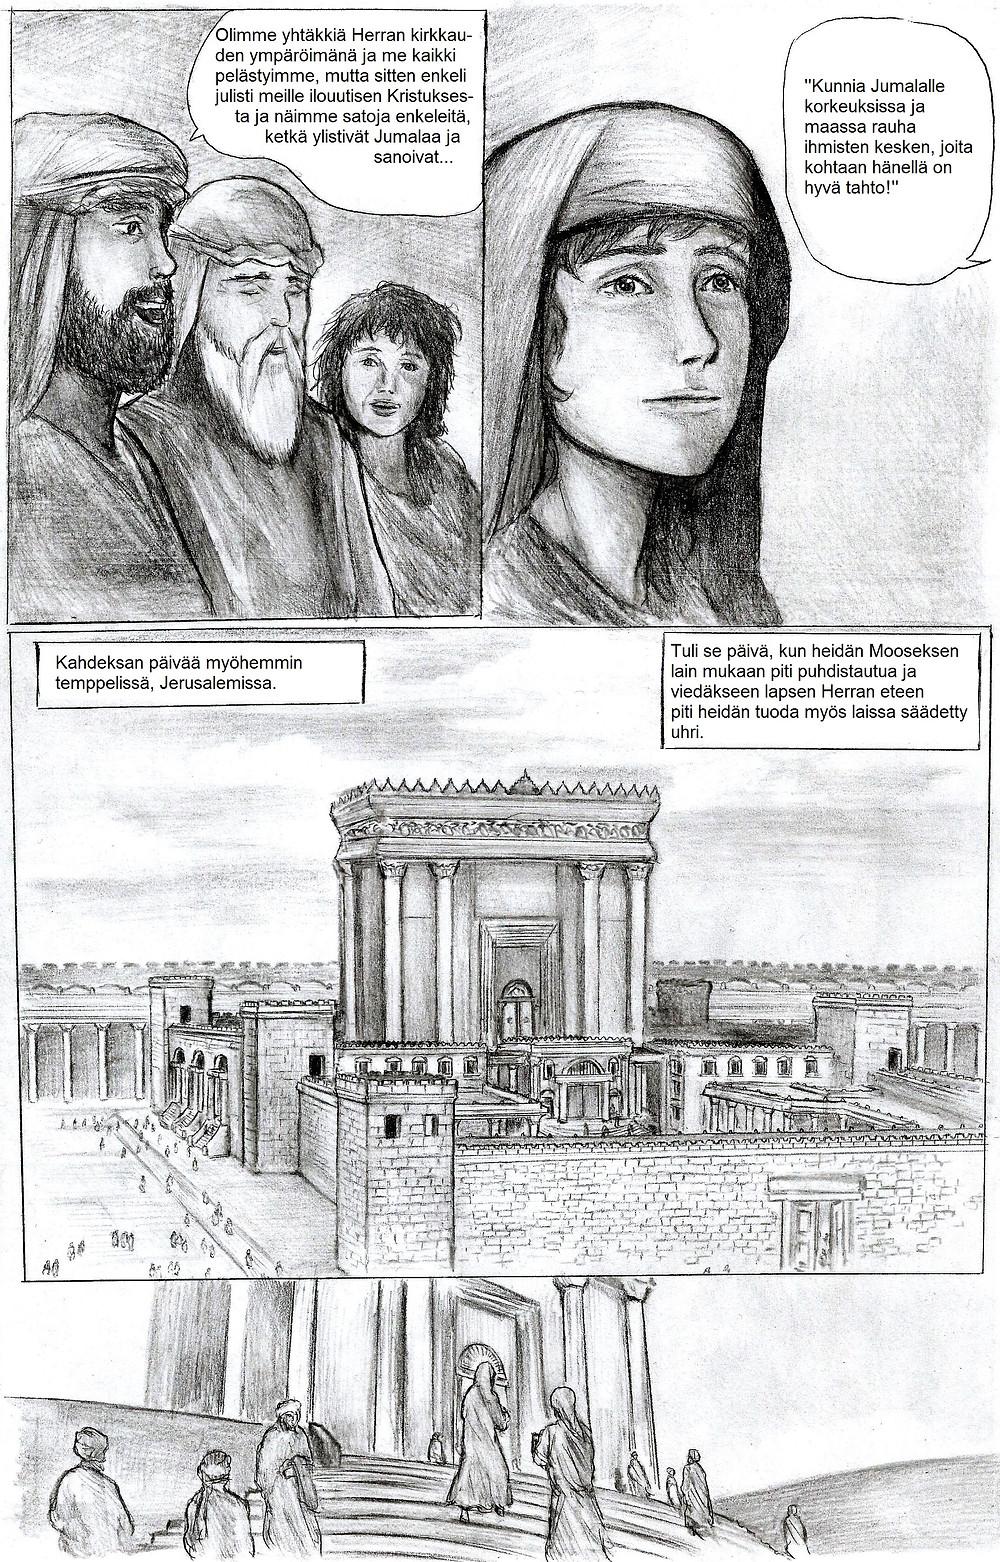 Tietäjät kertovat enkelin ilmoituksesta. Kahdeksan päivää myöhemmin Jeesus sekä Maria ja Joosef menevät temppeliin.